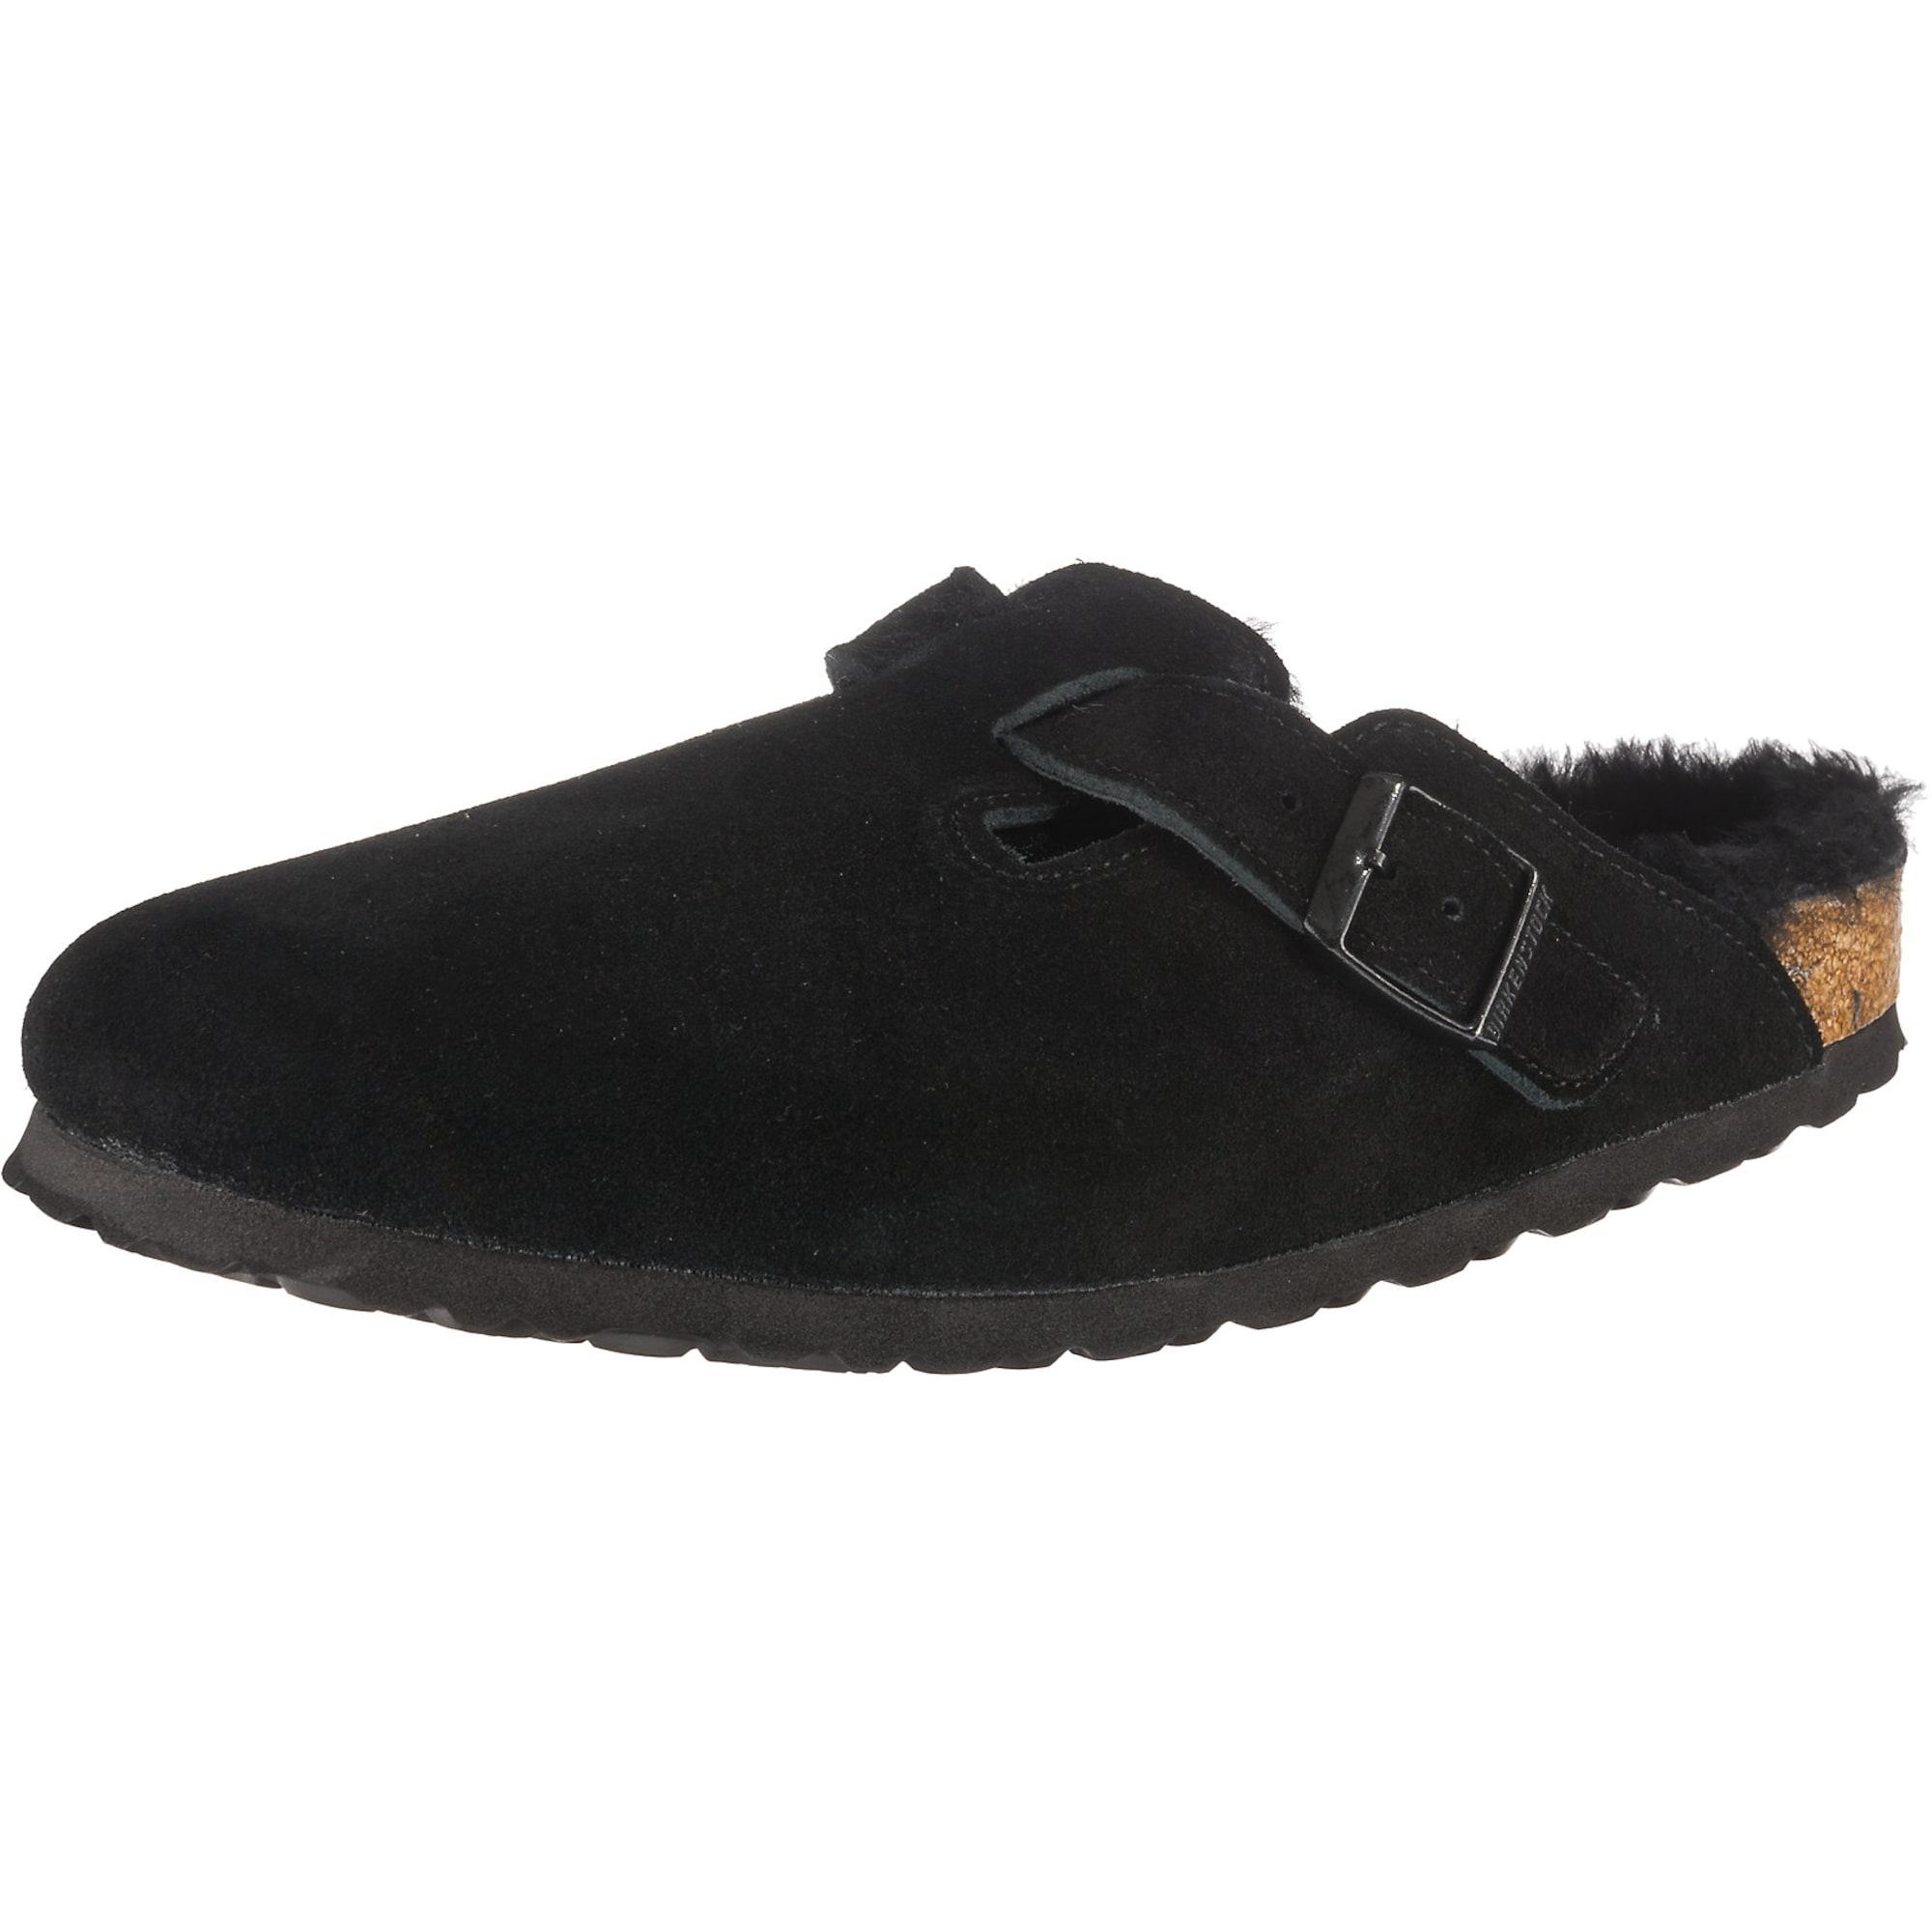 Pantofle Boston Shearling černá BIRKENSTOCK